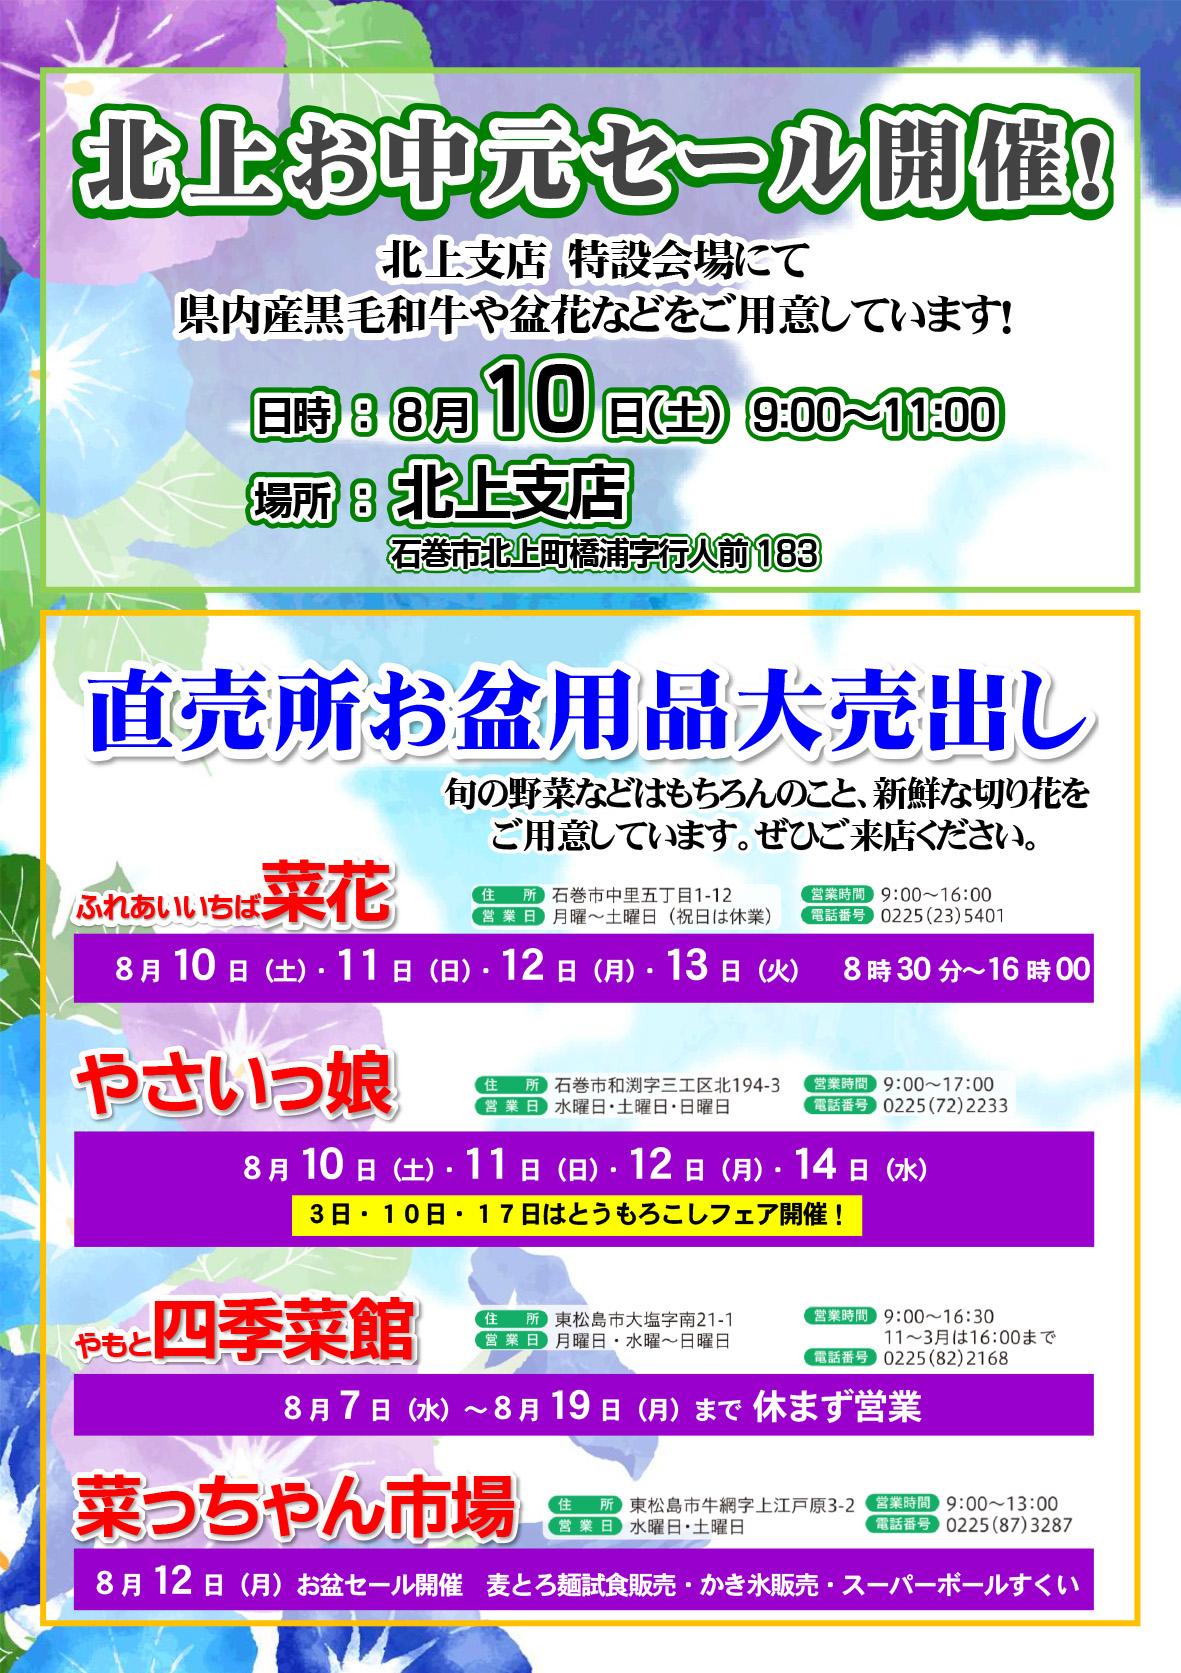 【ポストチラシ】2019.8-2